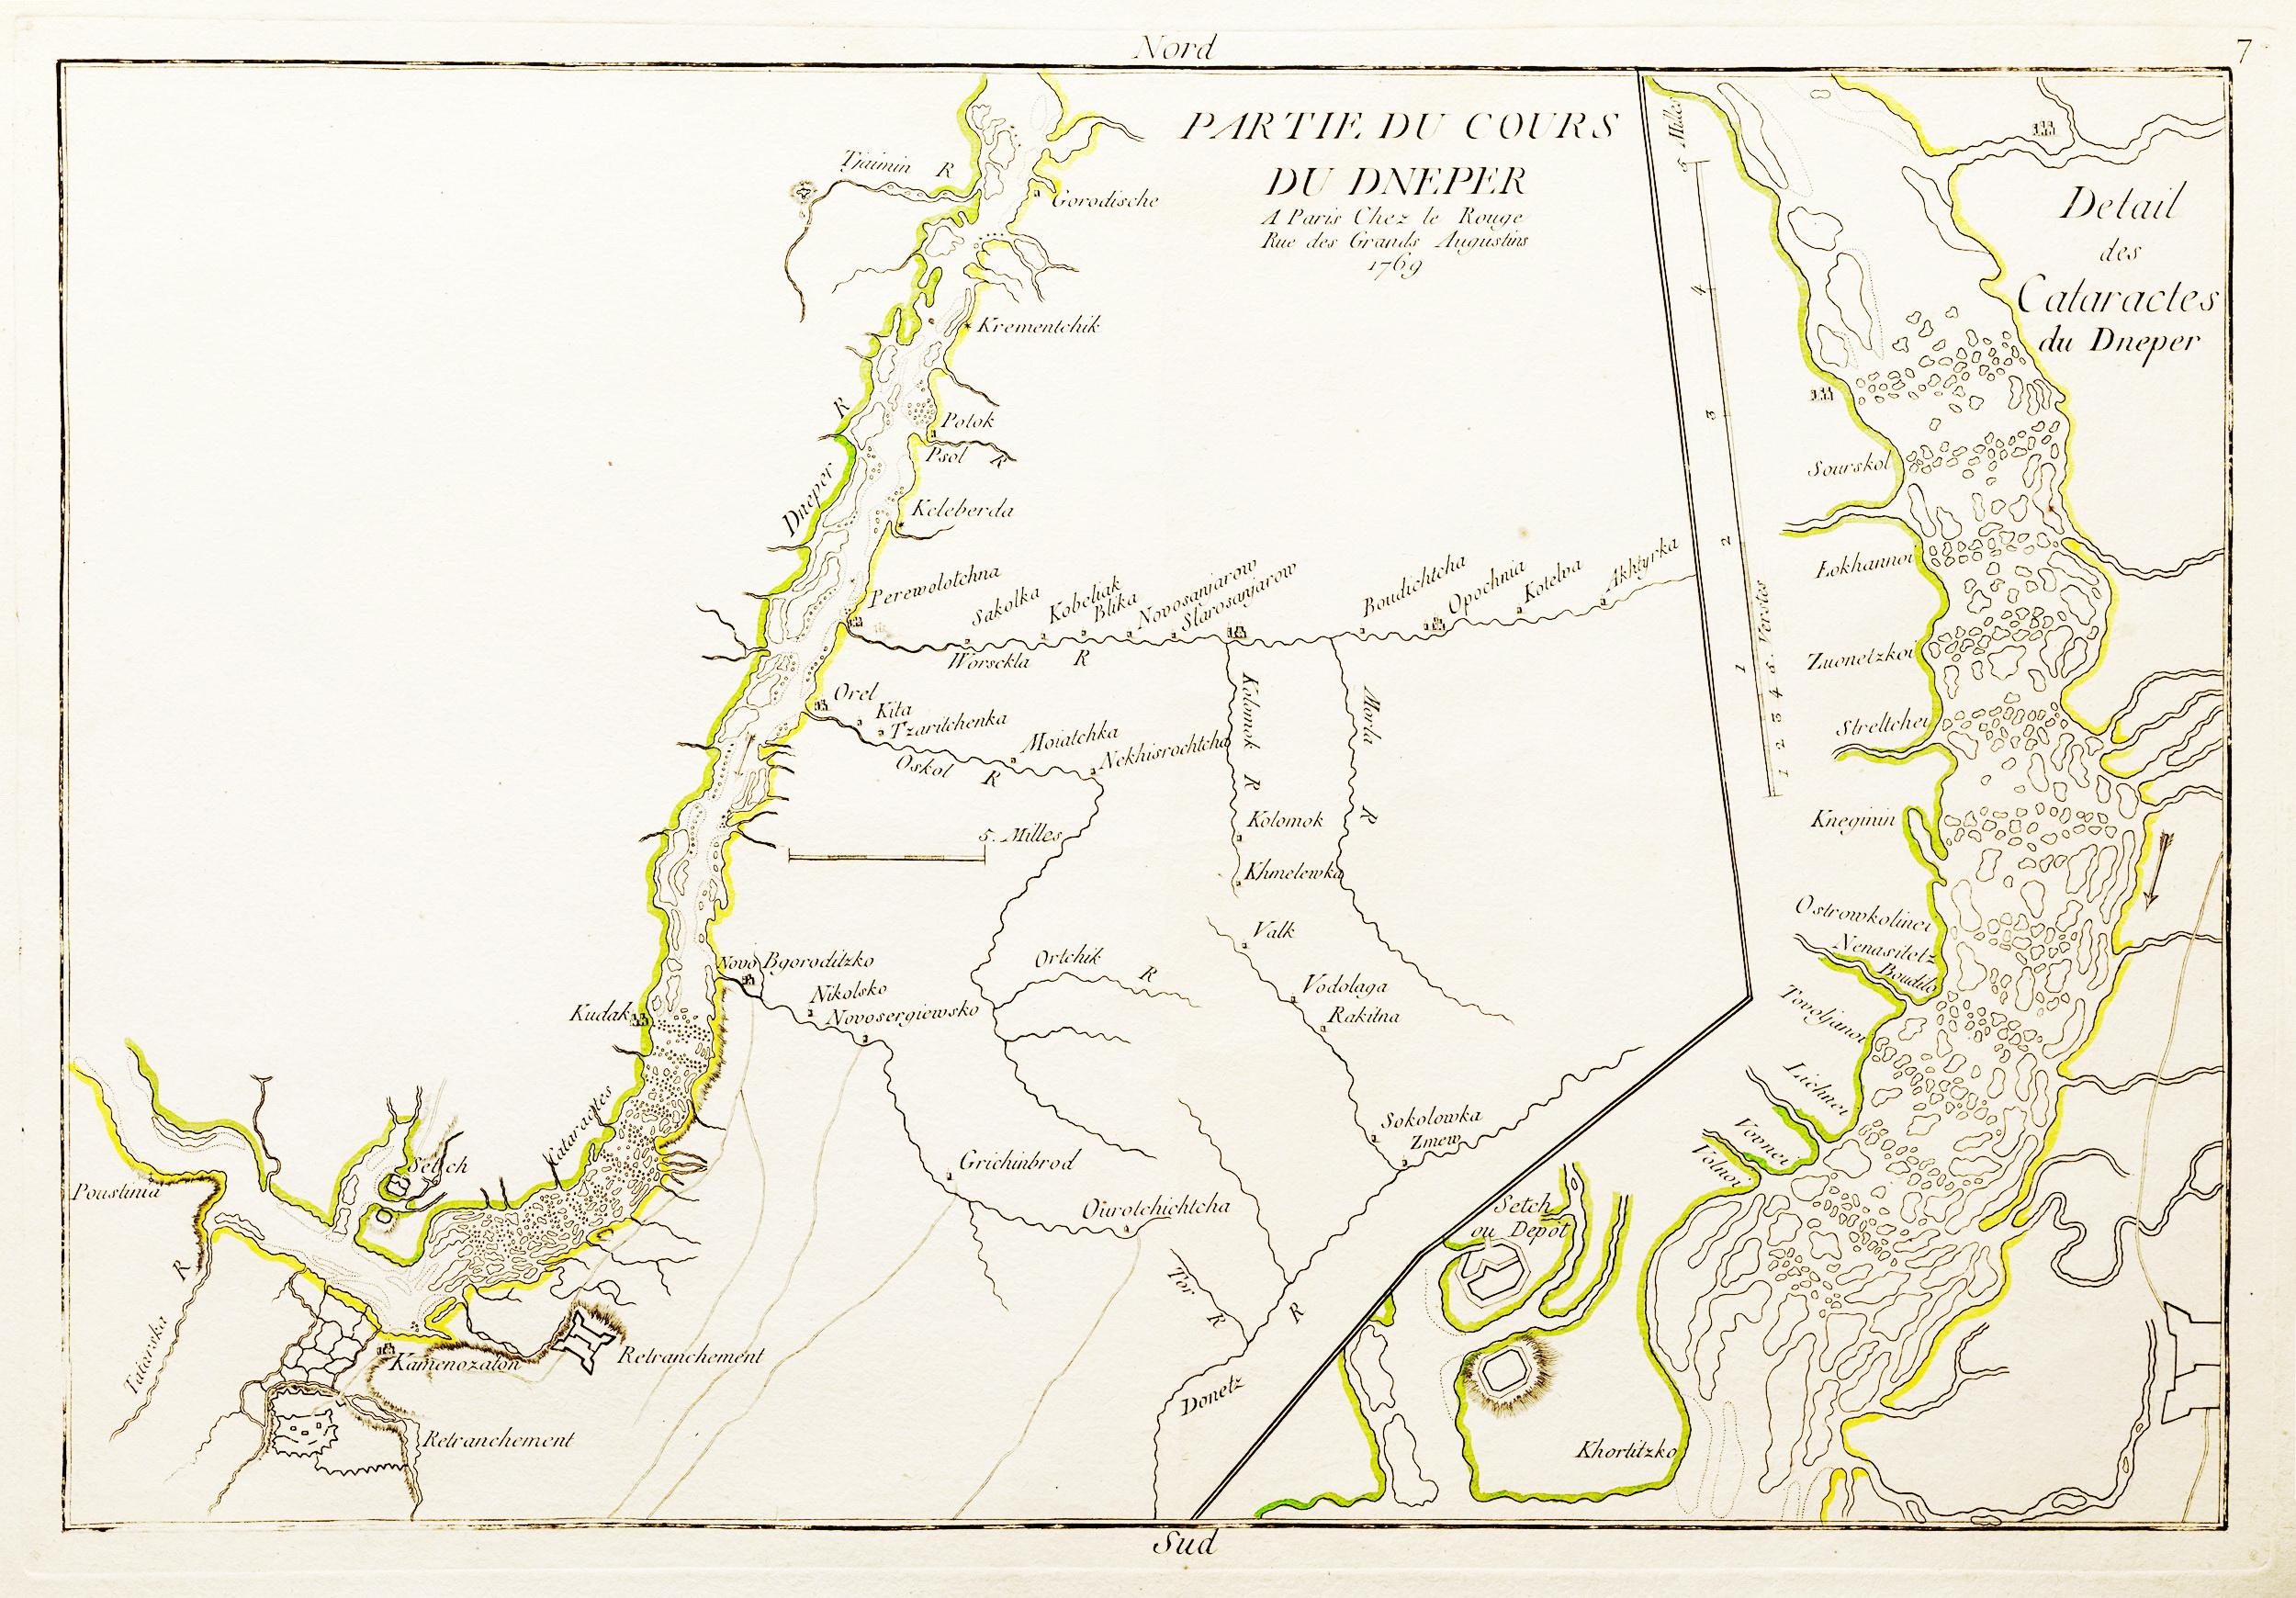 1769 - Partie du Cours du Dneper Chez le Rouge (París)